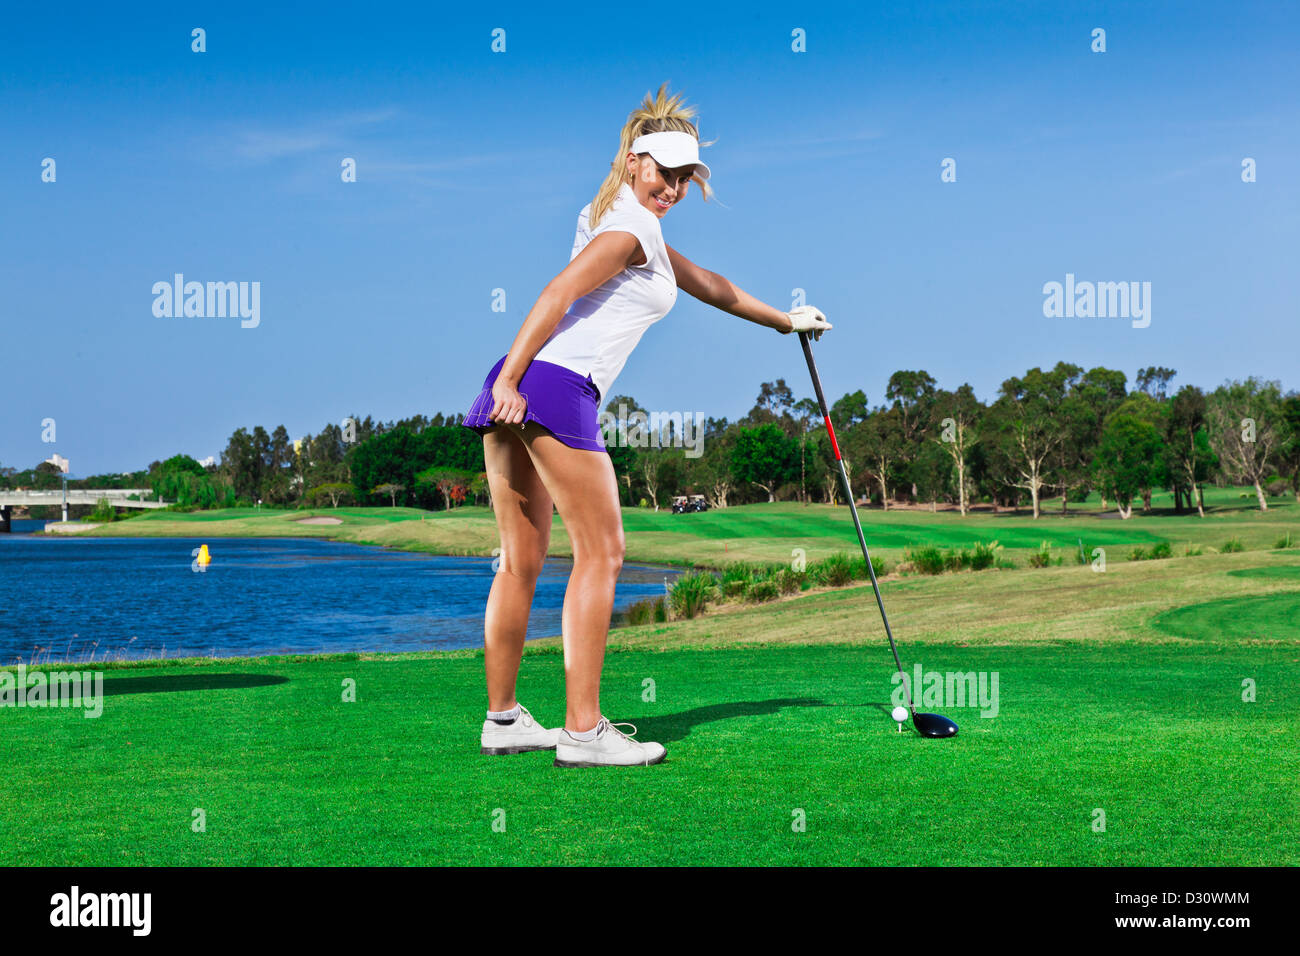 Attraente ragazza di giocatore di golf sul campo da golf con conducente Immagini Stock